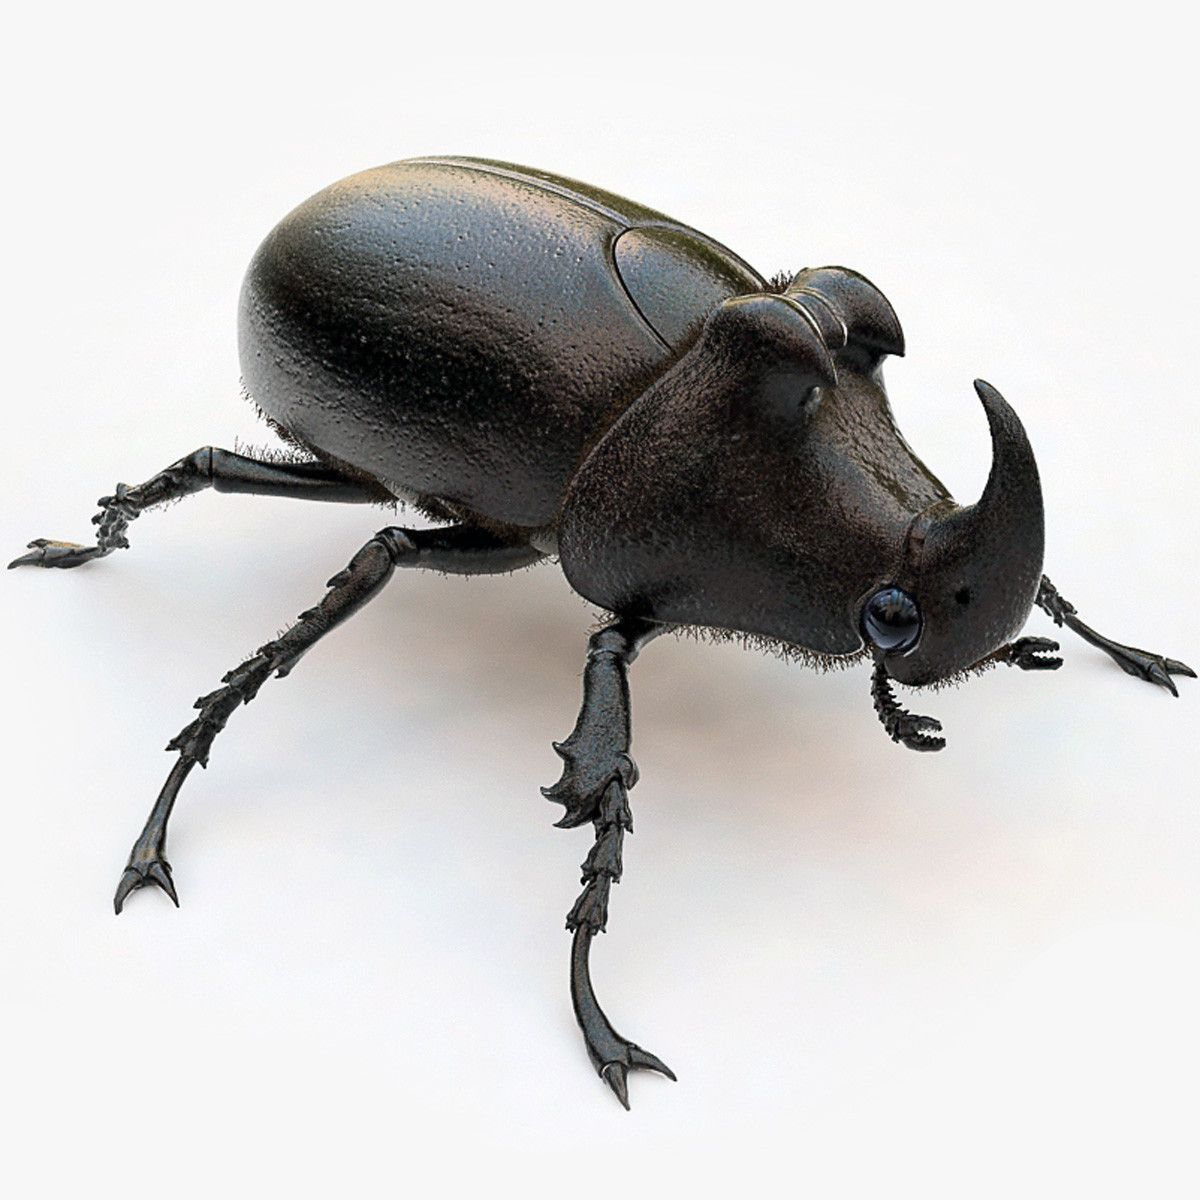 Rhinoceros beetle from all sides Поиск в Google Rhino